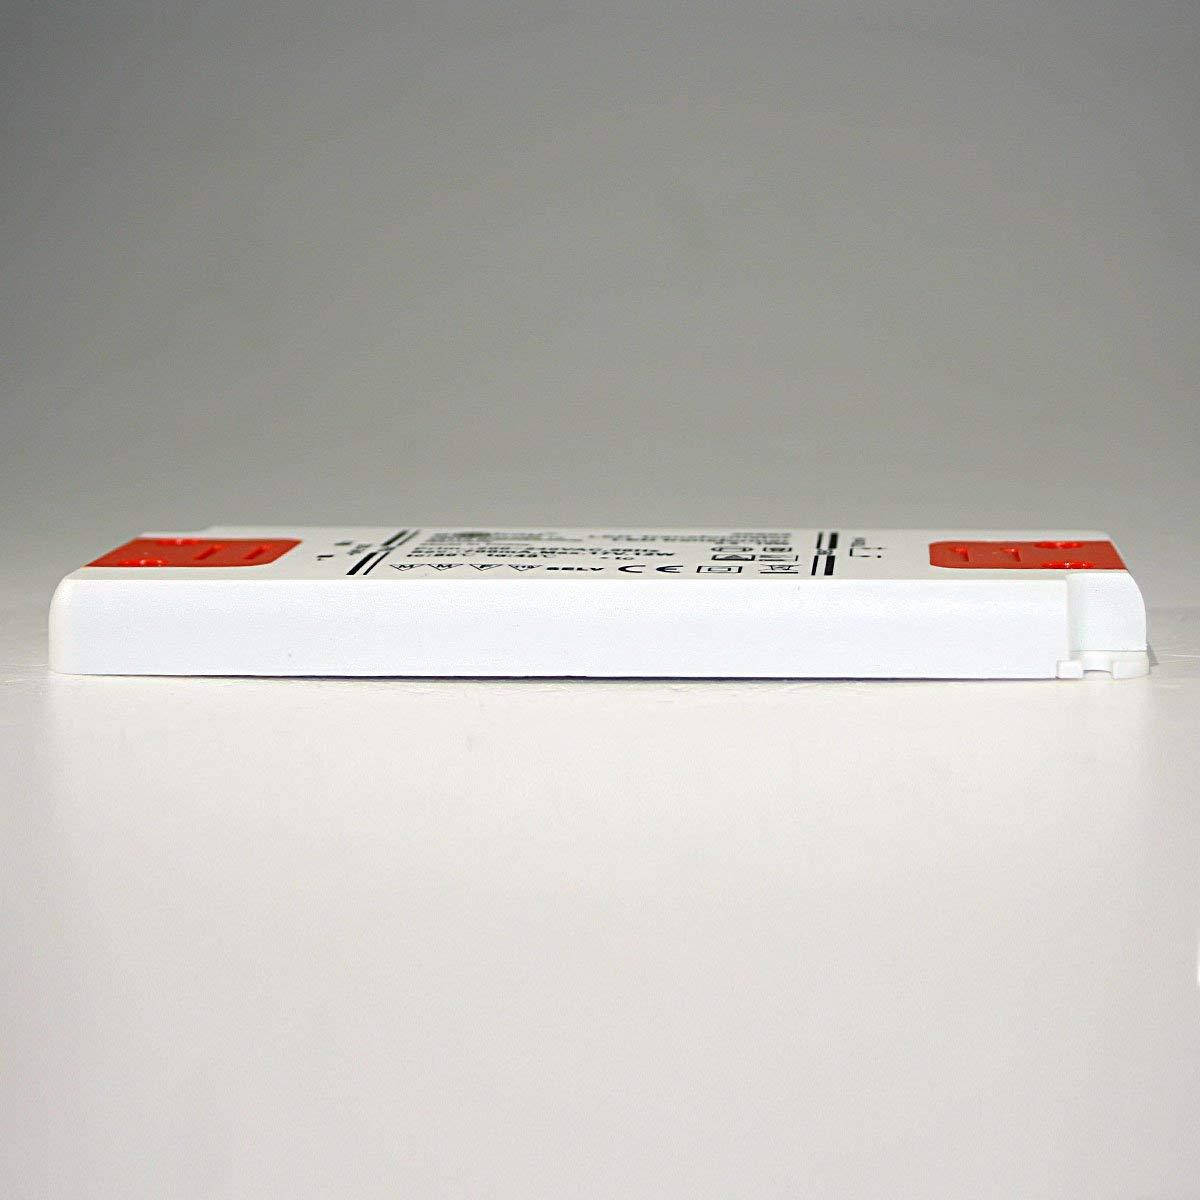 Goobay Transformateur pour LED classe 2 TBTS courant continu 700 mA 0,5-12 W